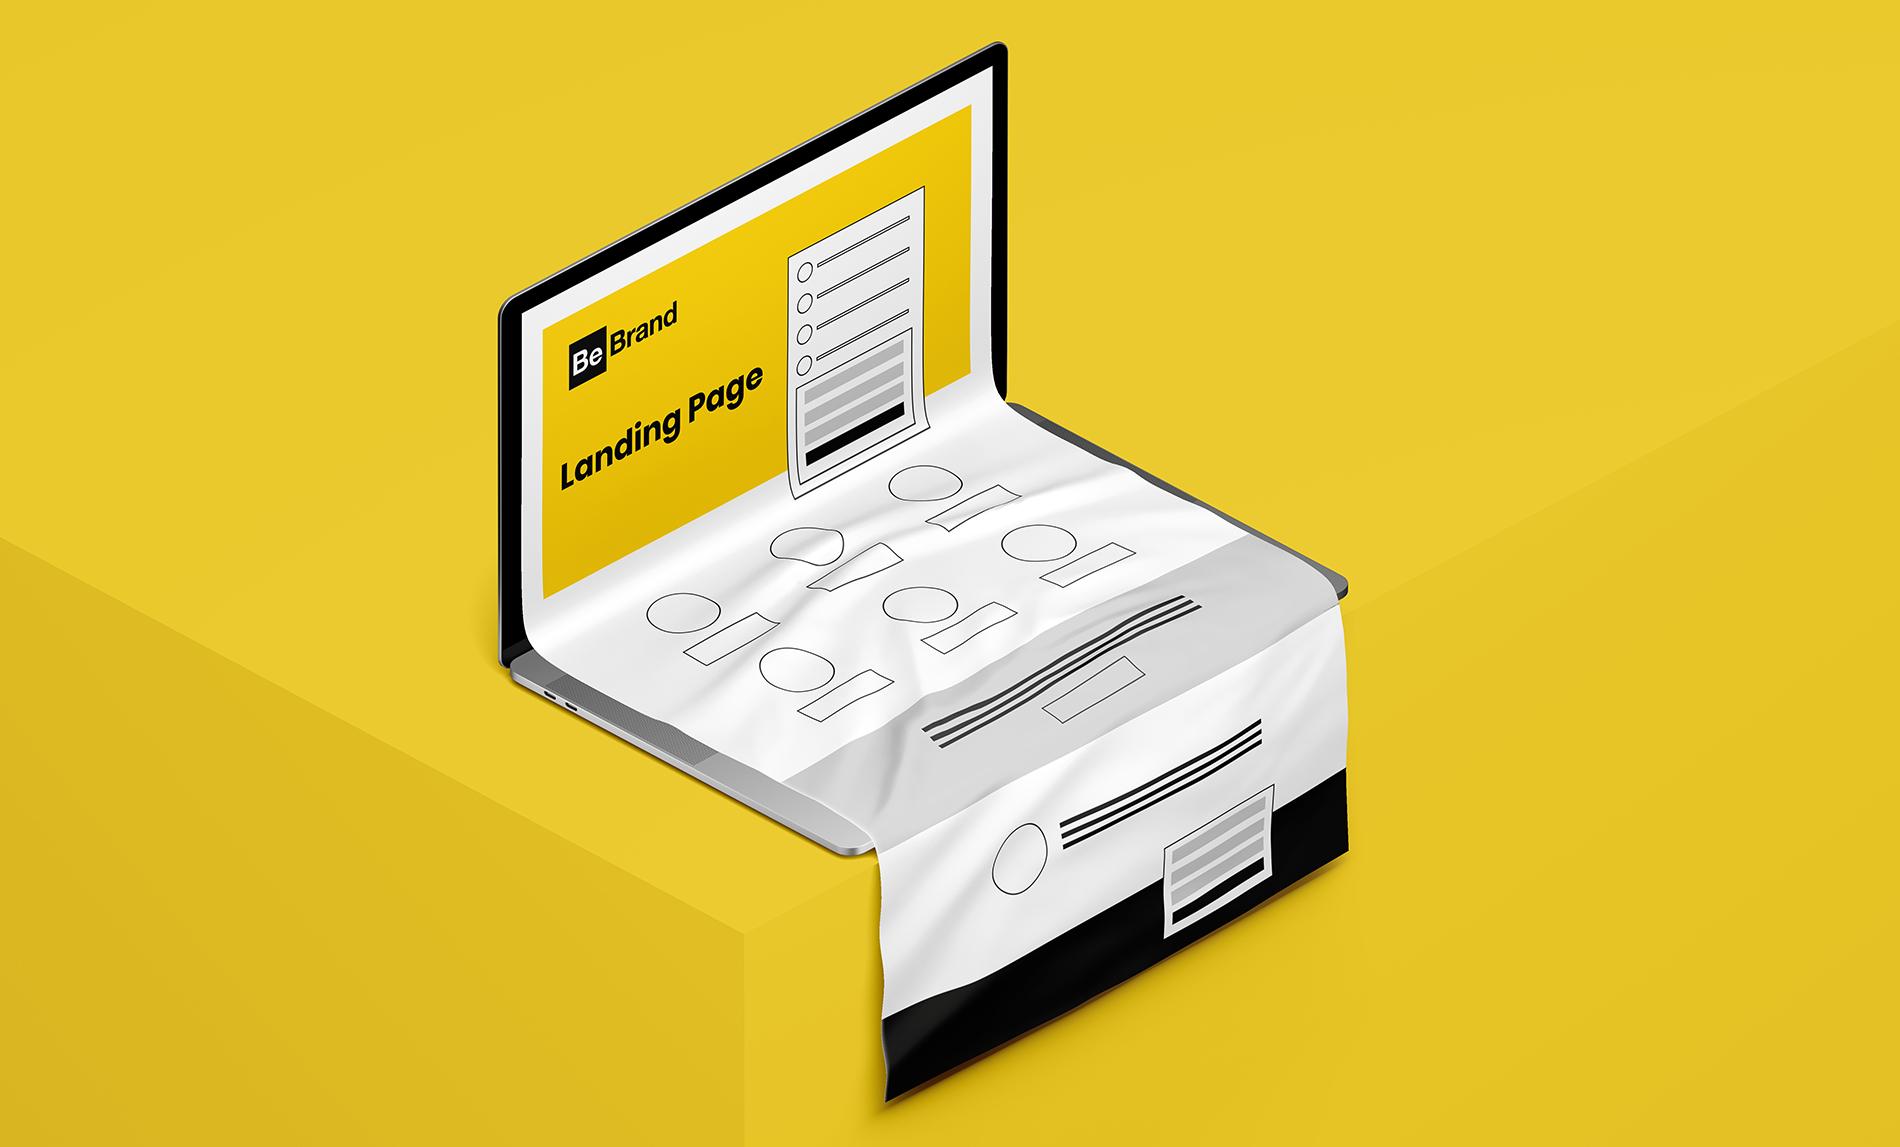 ¿Qué es una Landing Page y para qué sirve? - BeBrand